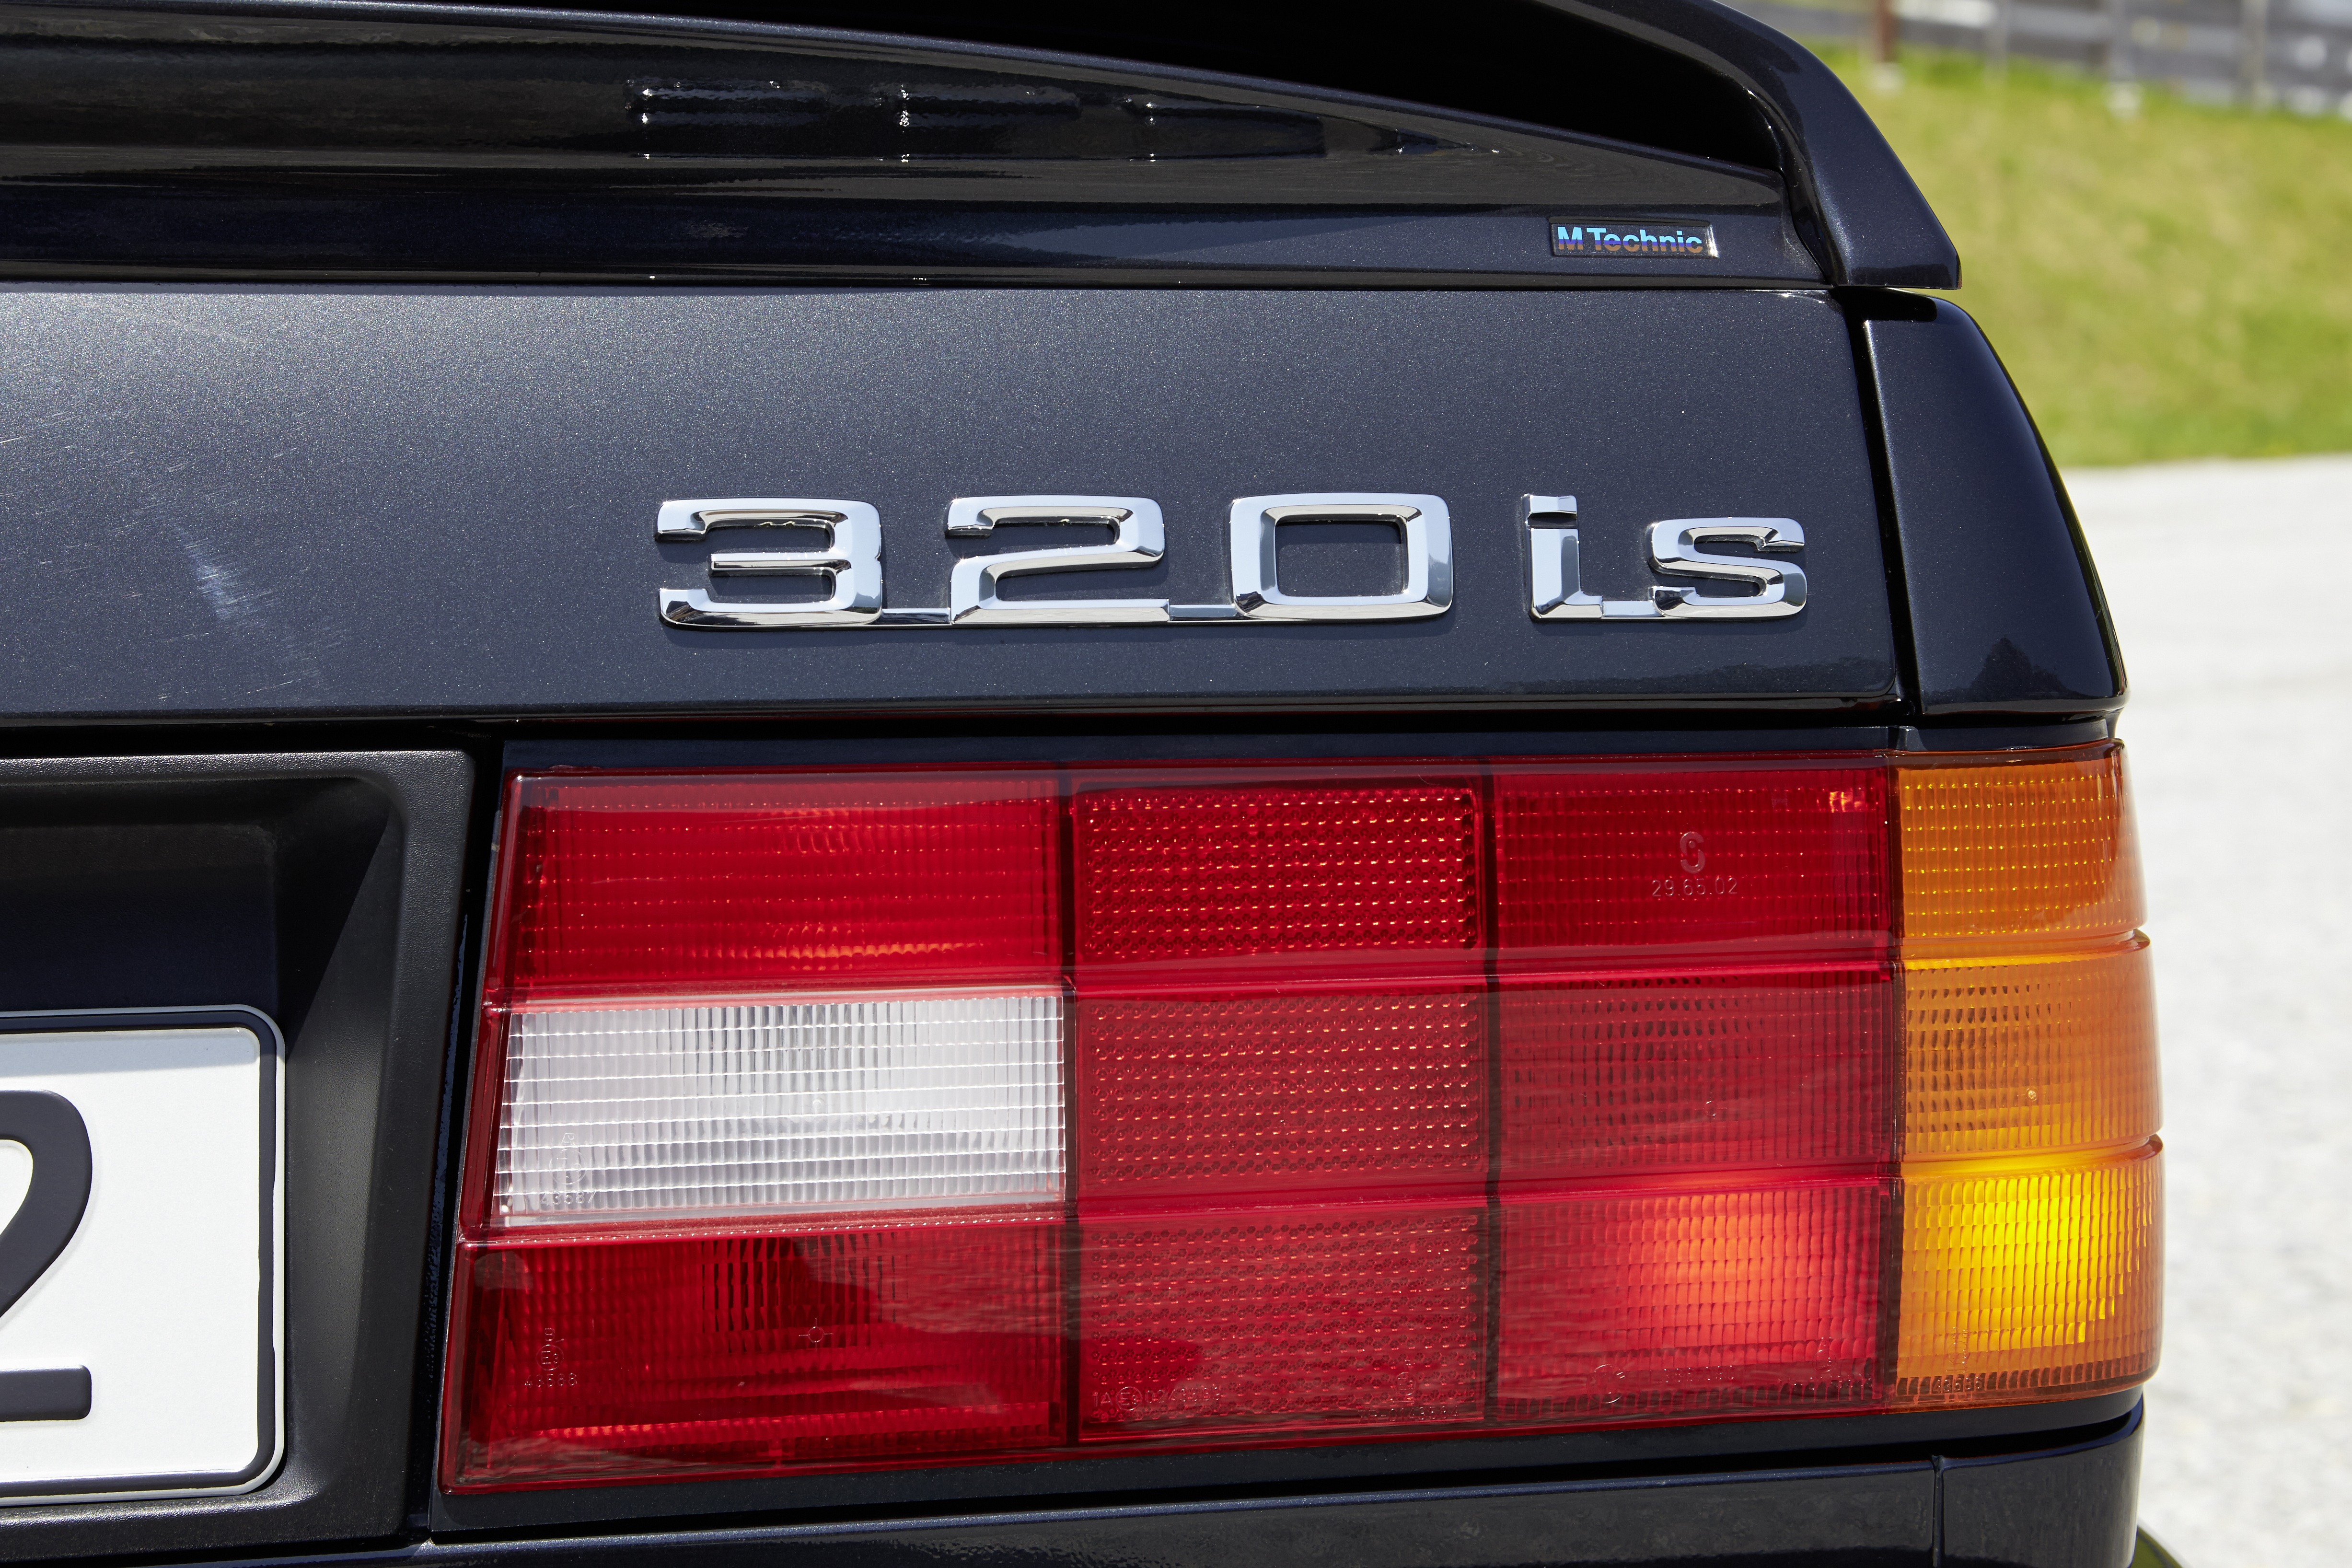 fotos BMW clássico